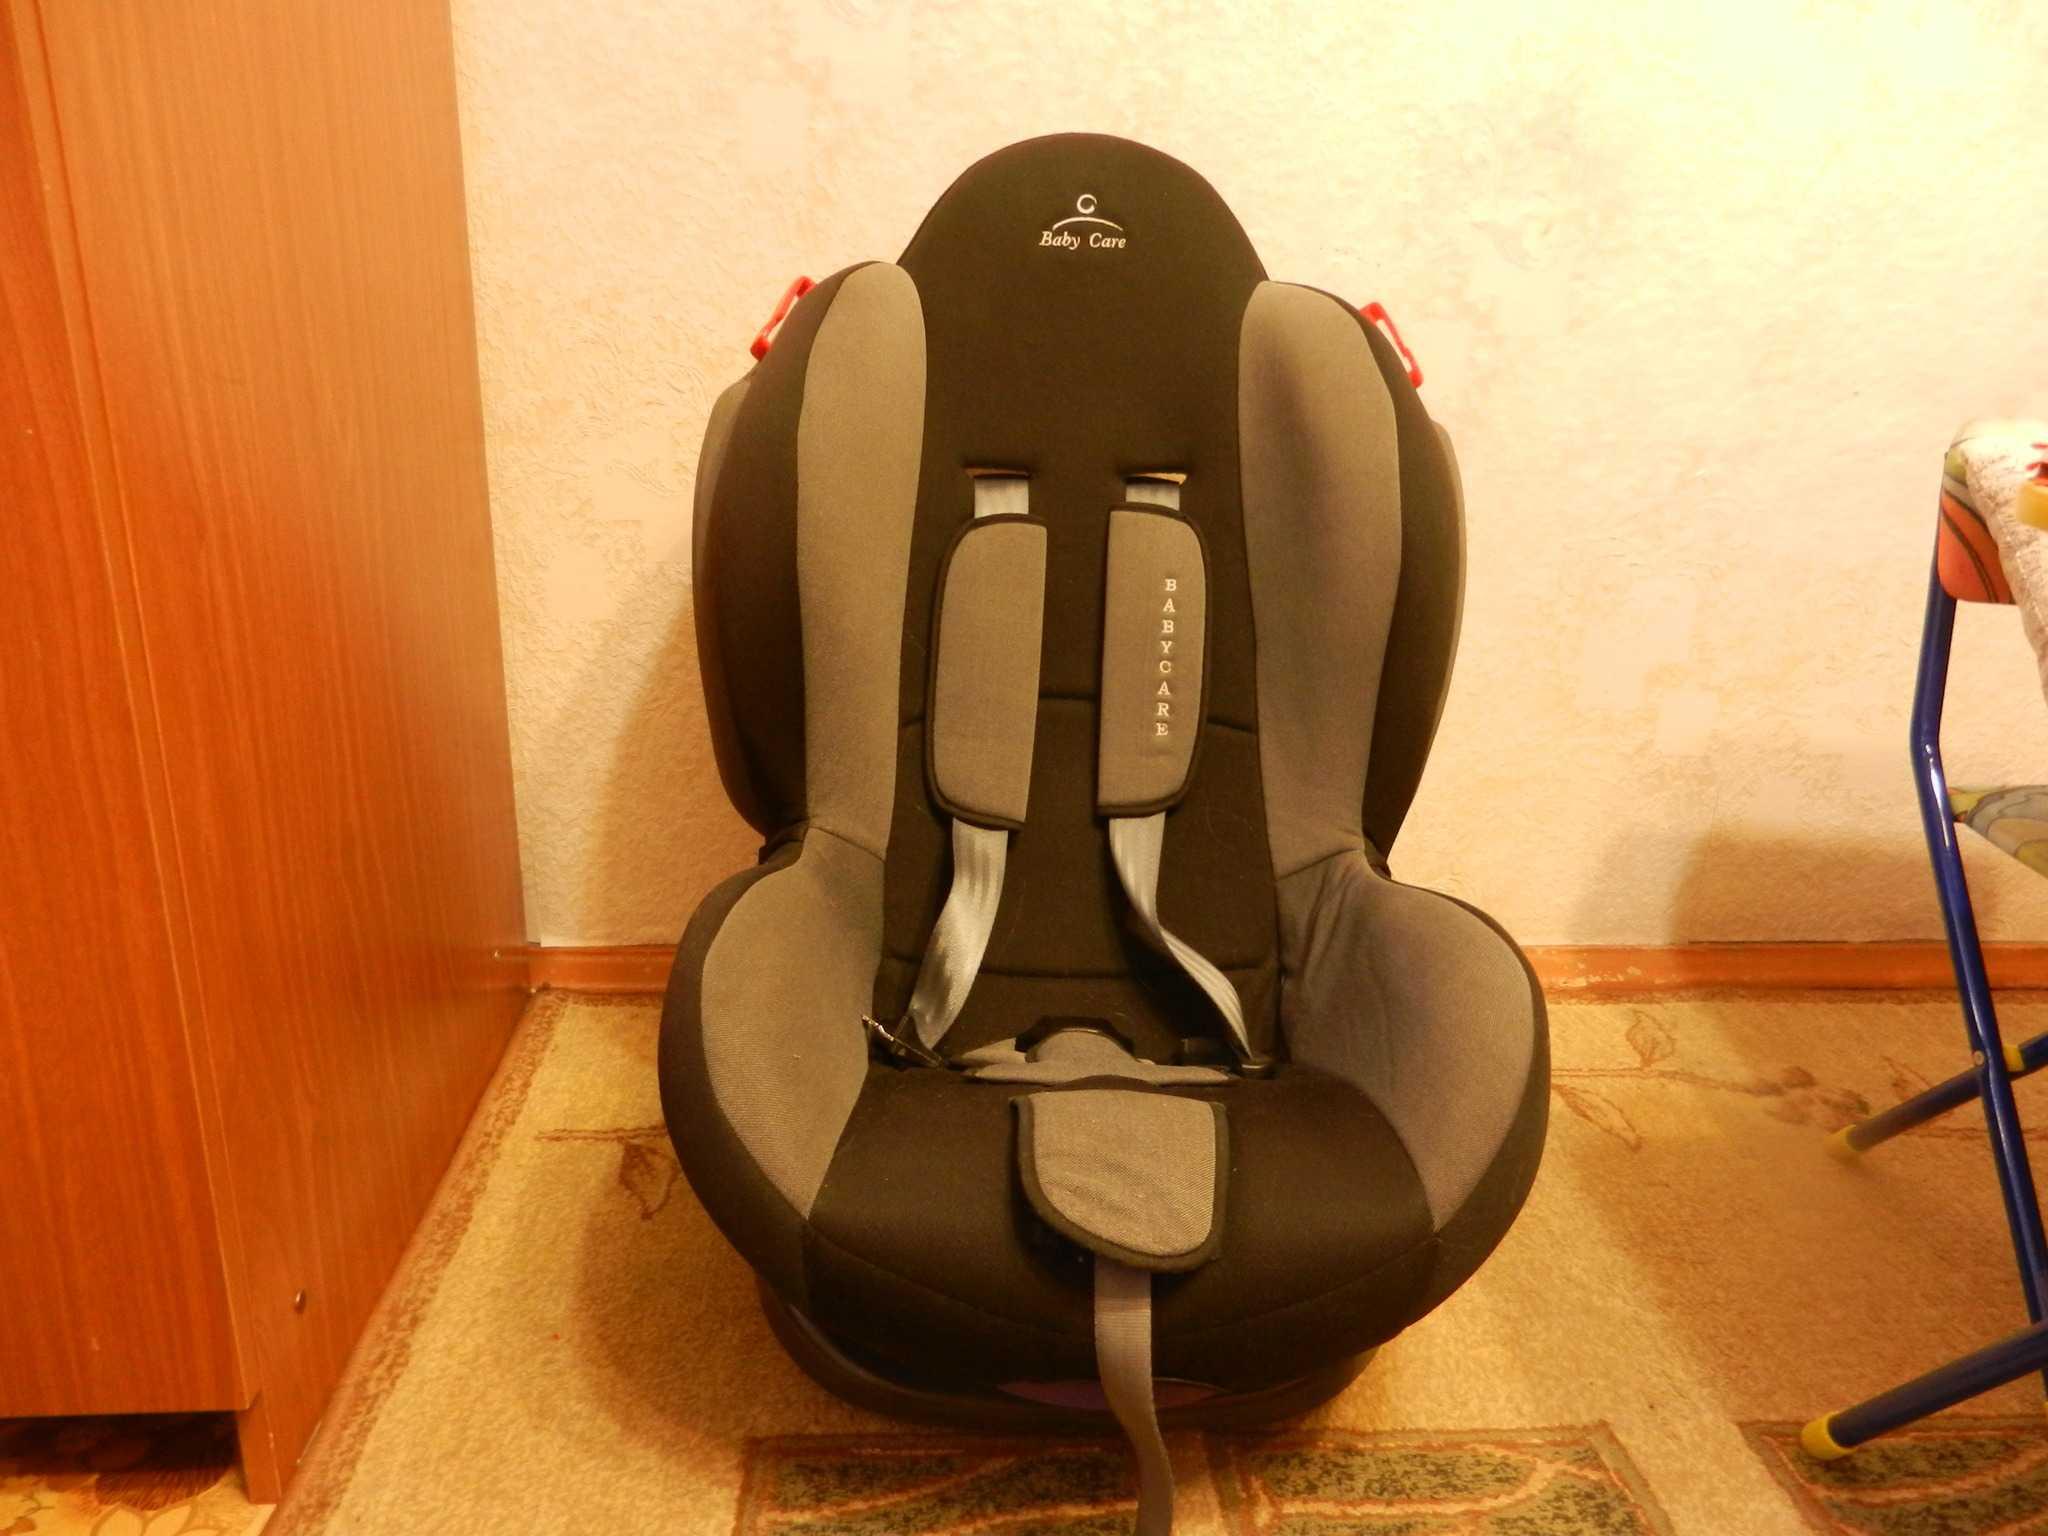 Автокресло baby care: детское автомобильное кресло для ребенка весом 9-25 кг, отзывы